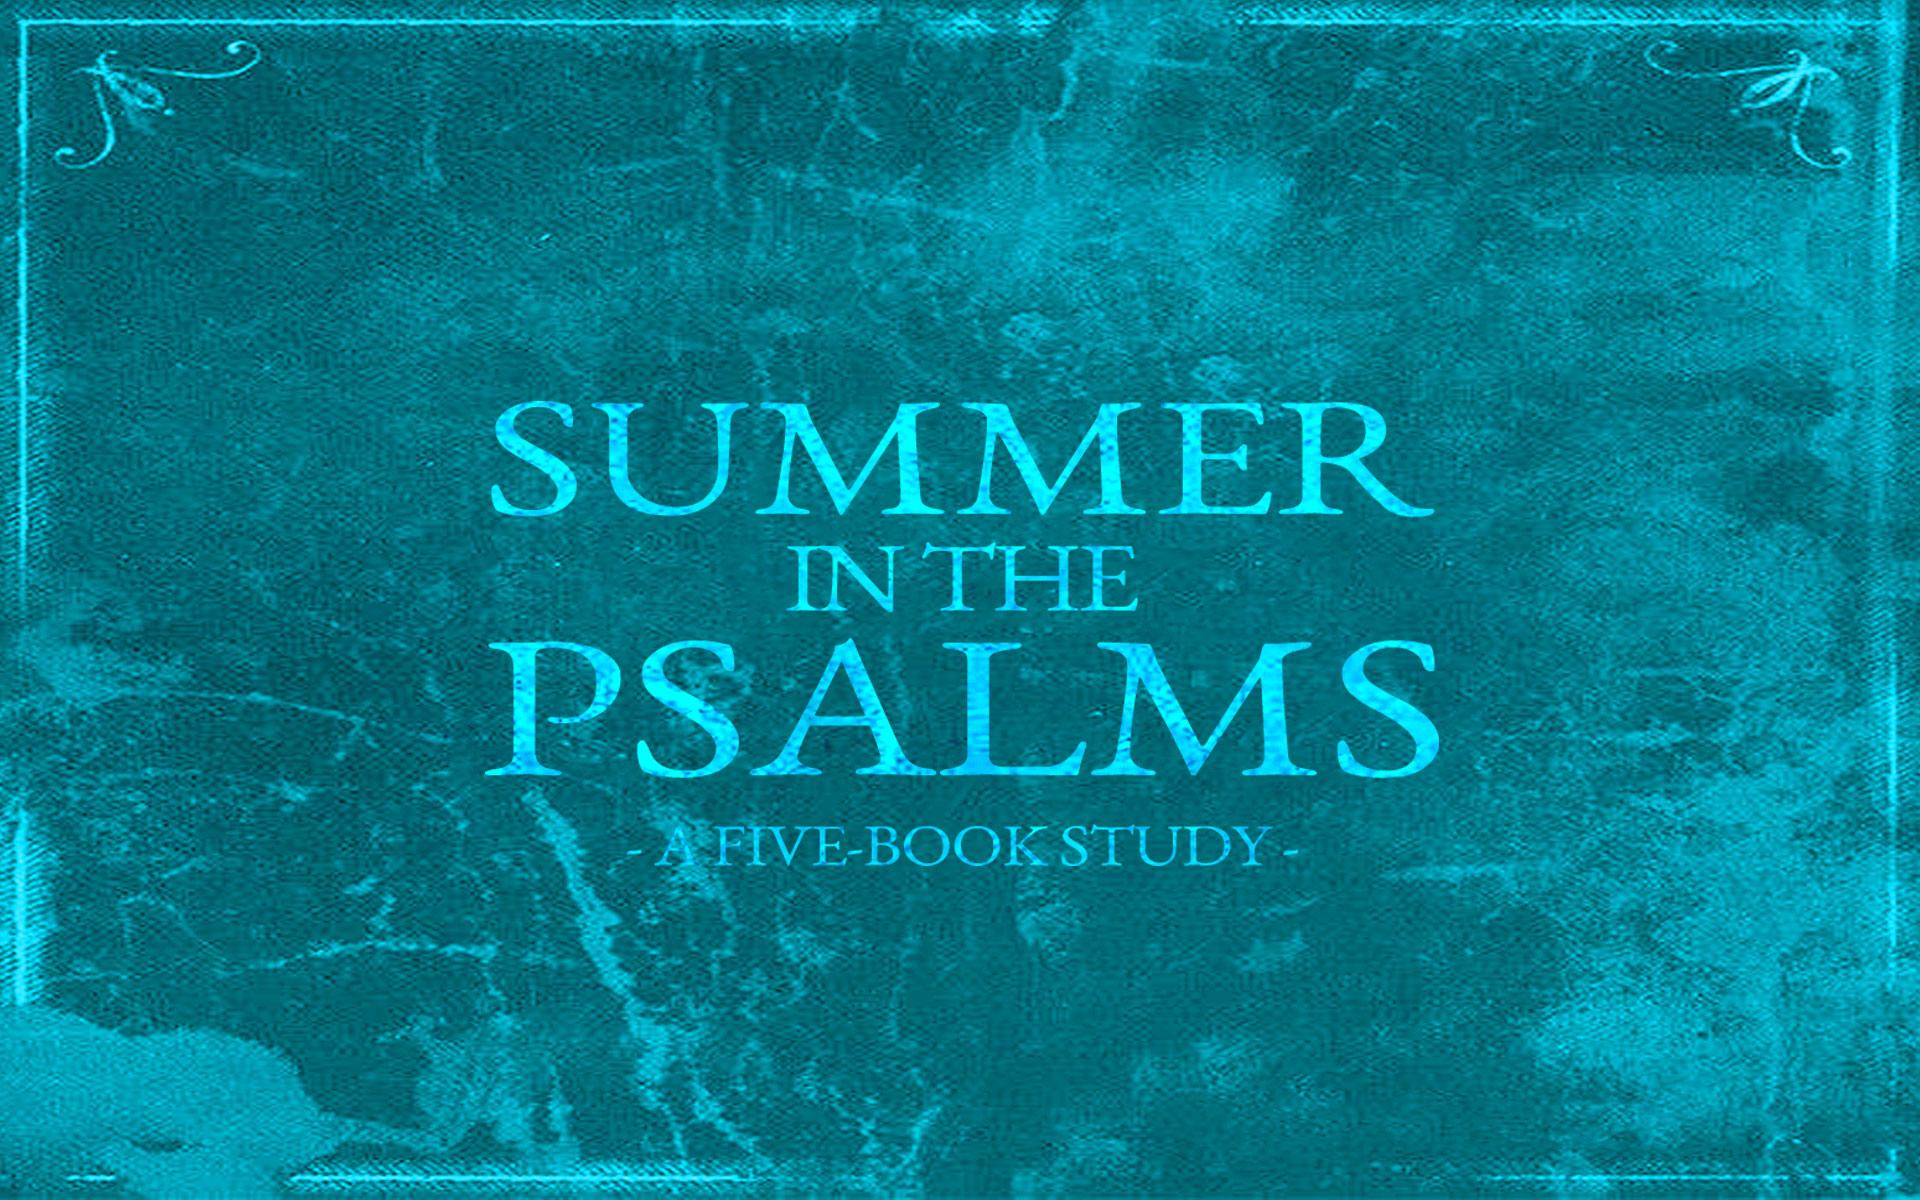 Summer-in-the-Psalms-19.jpg